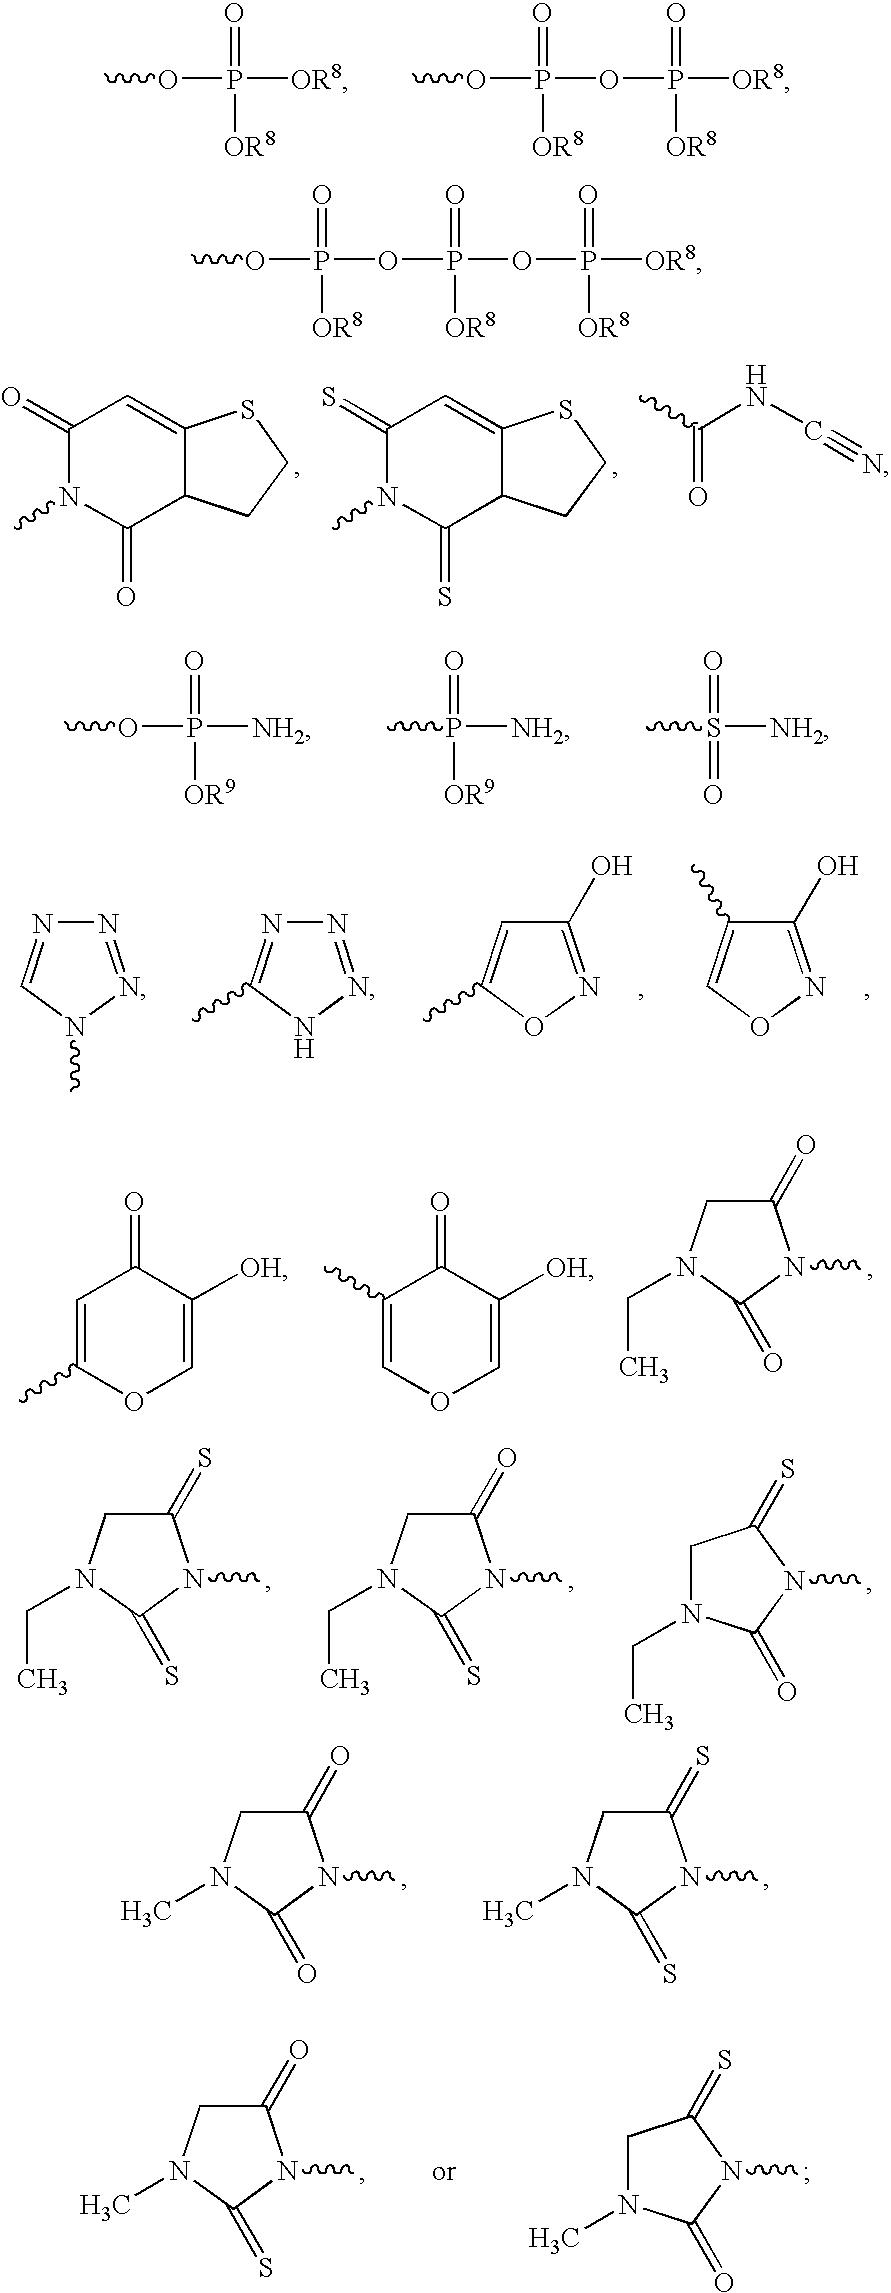 Figure US20040192771A1-20040930-C00019